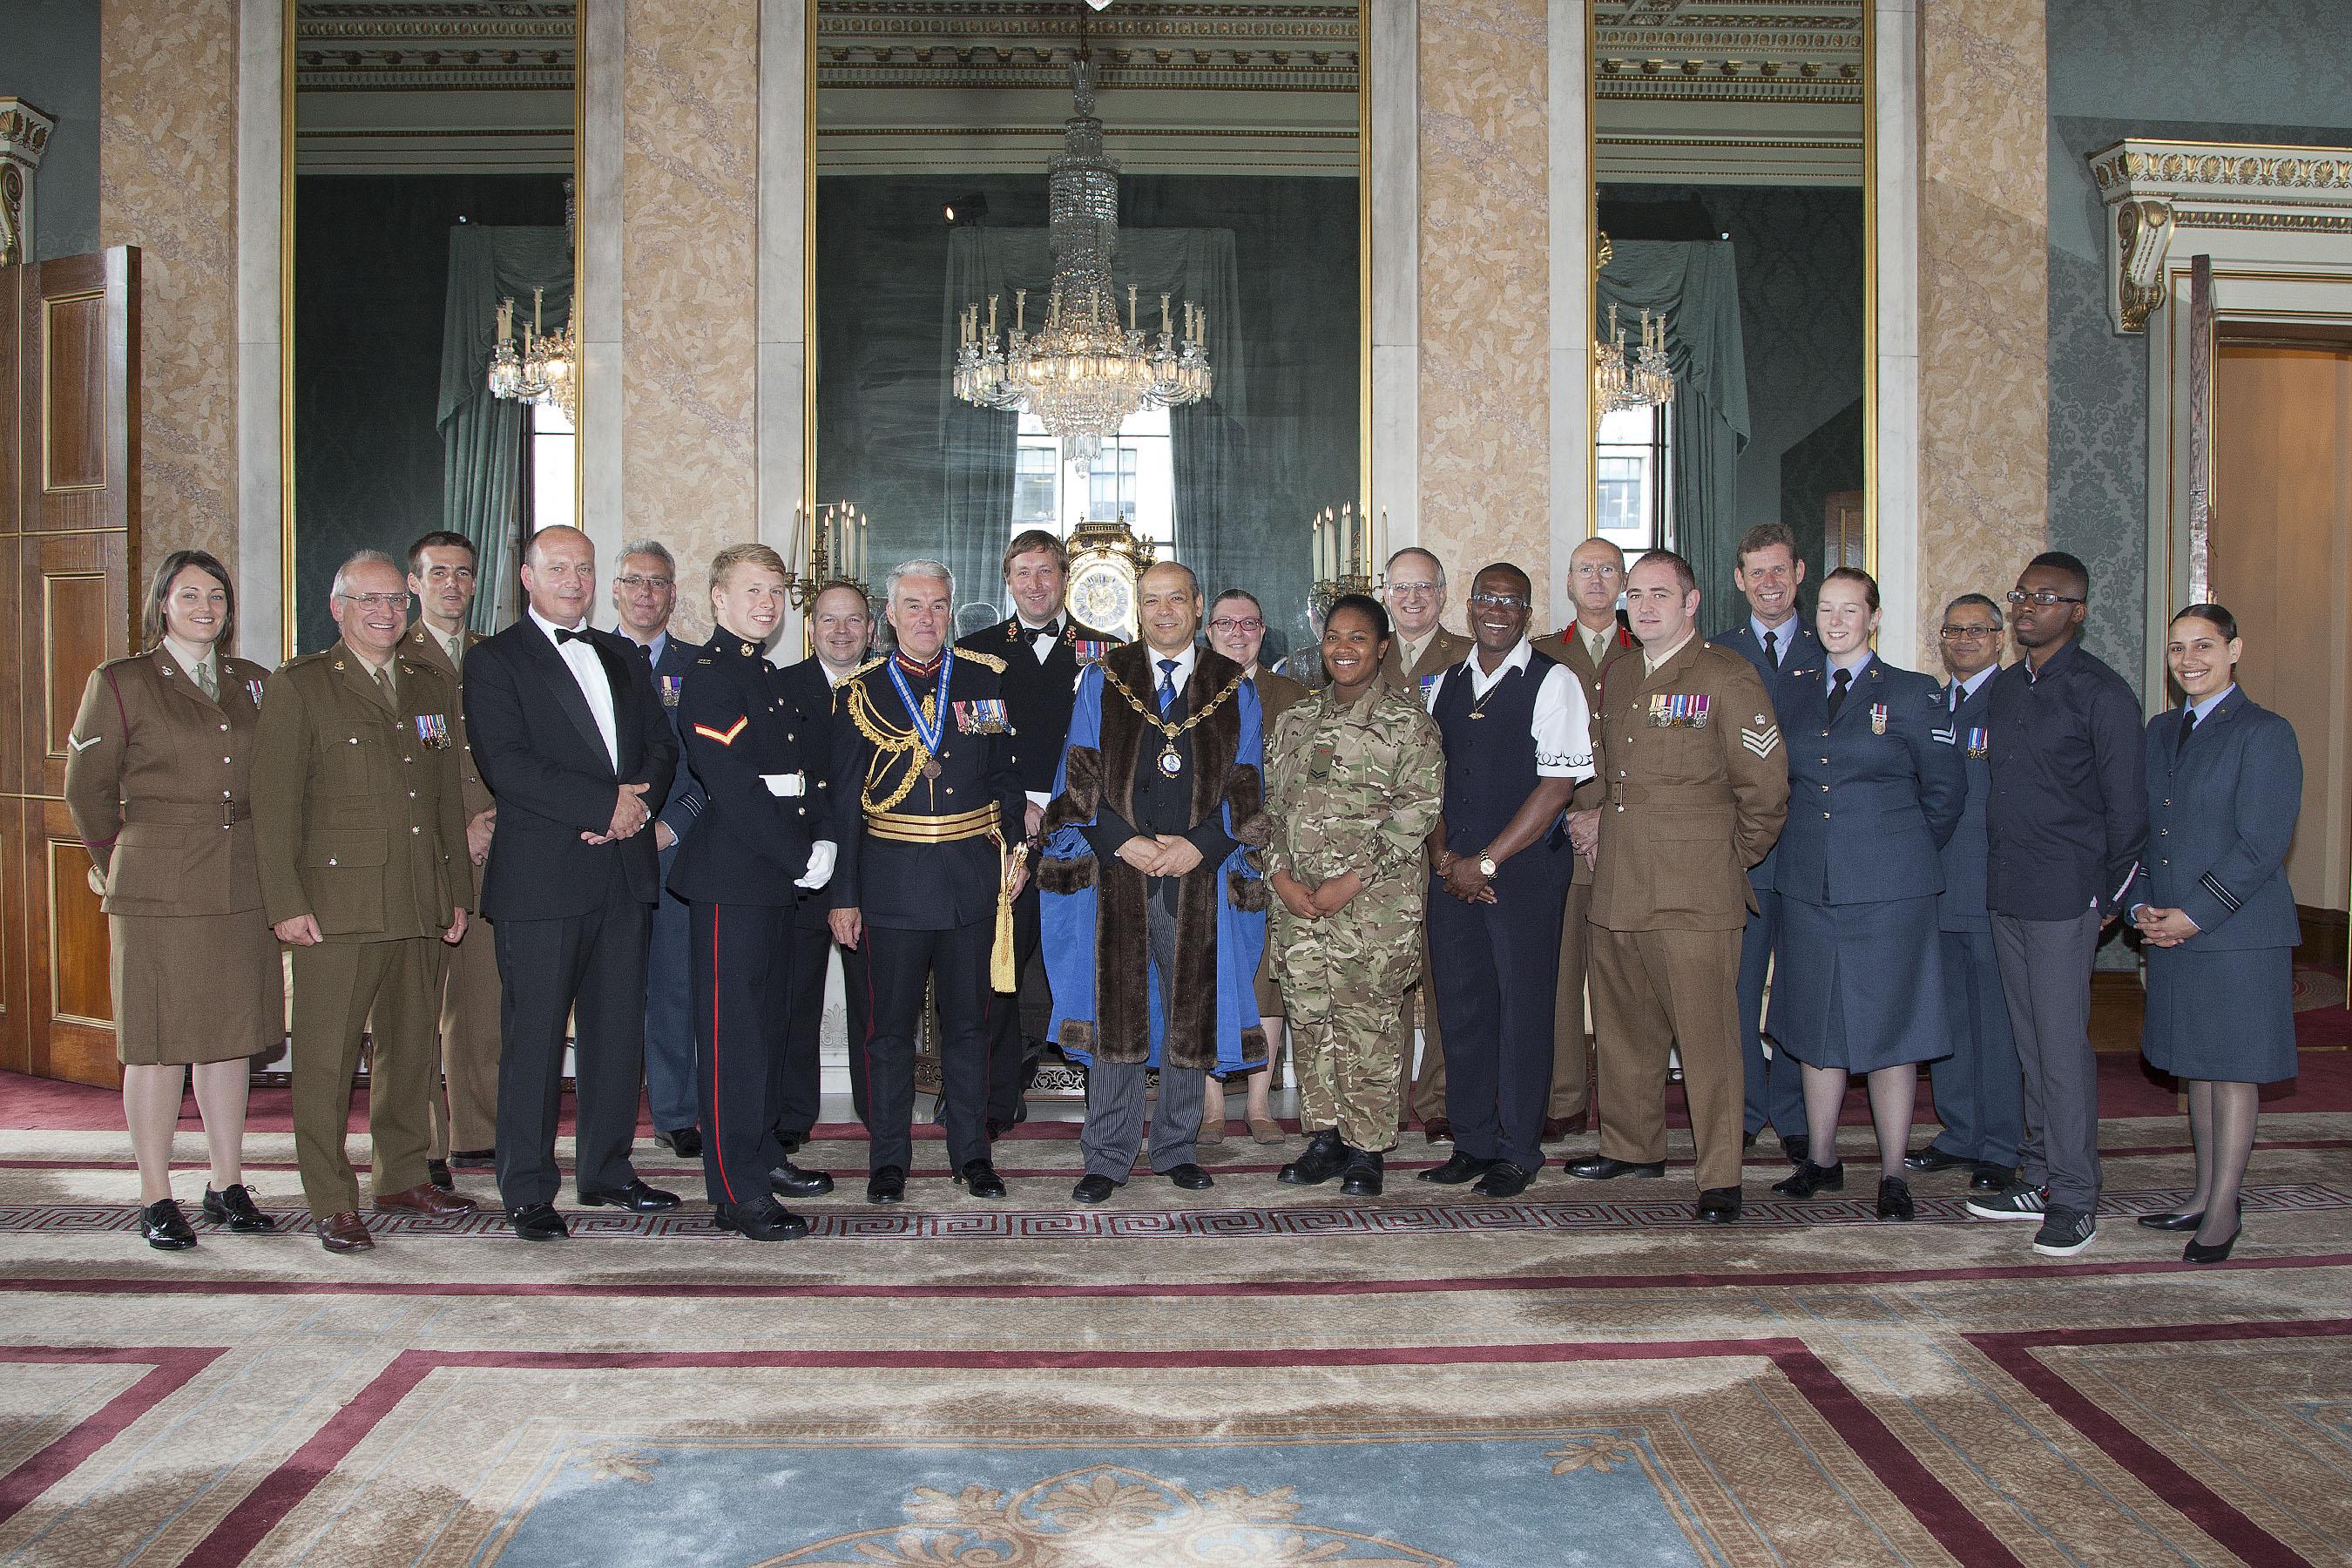 2014 Military Awards